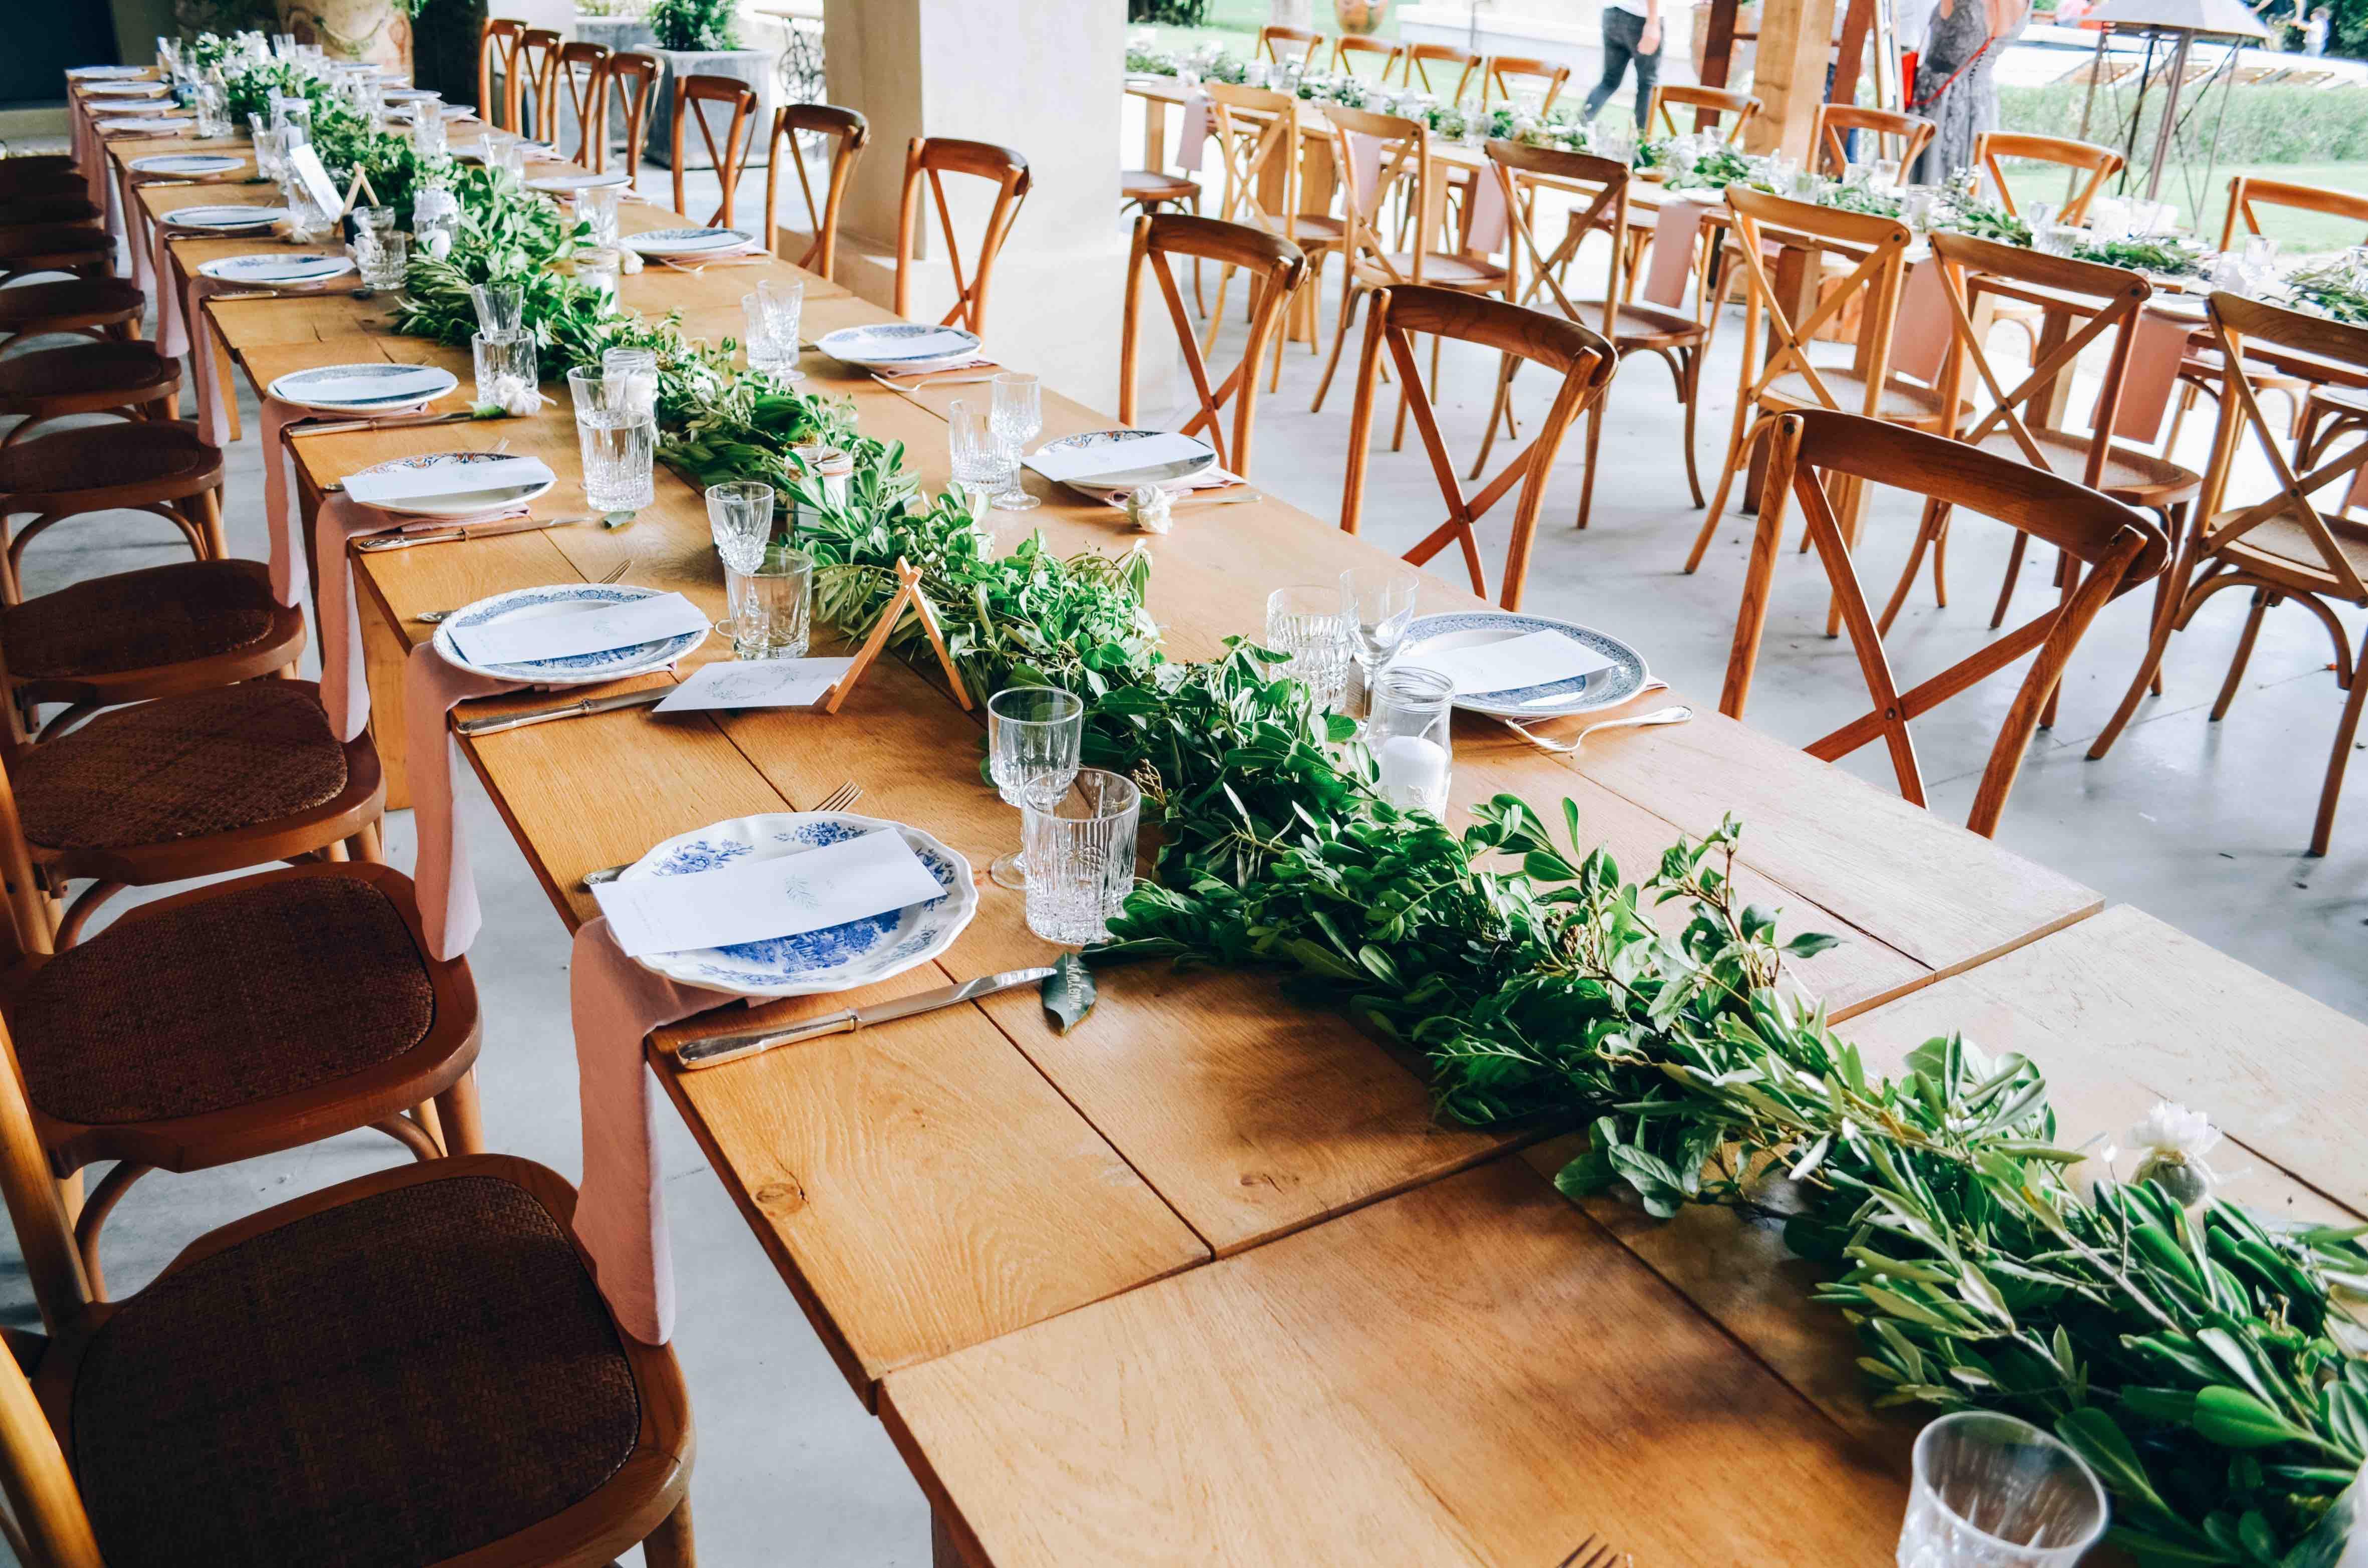 decoration végétale mariage sweet jungle